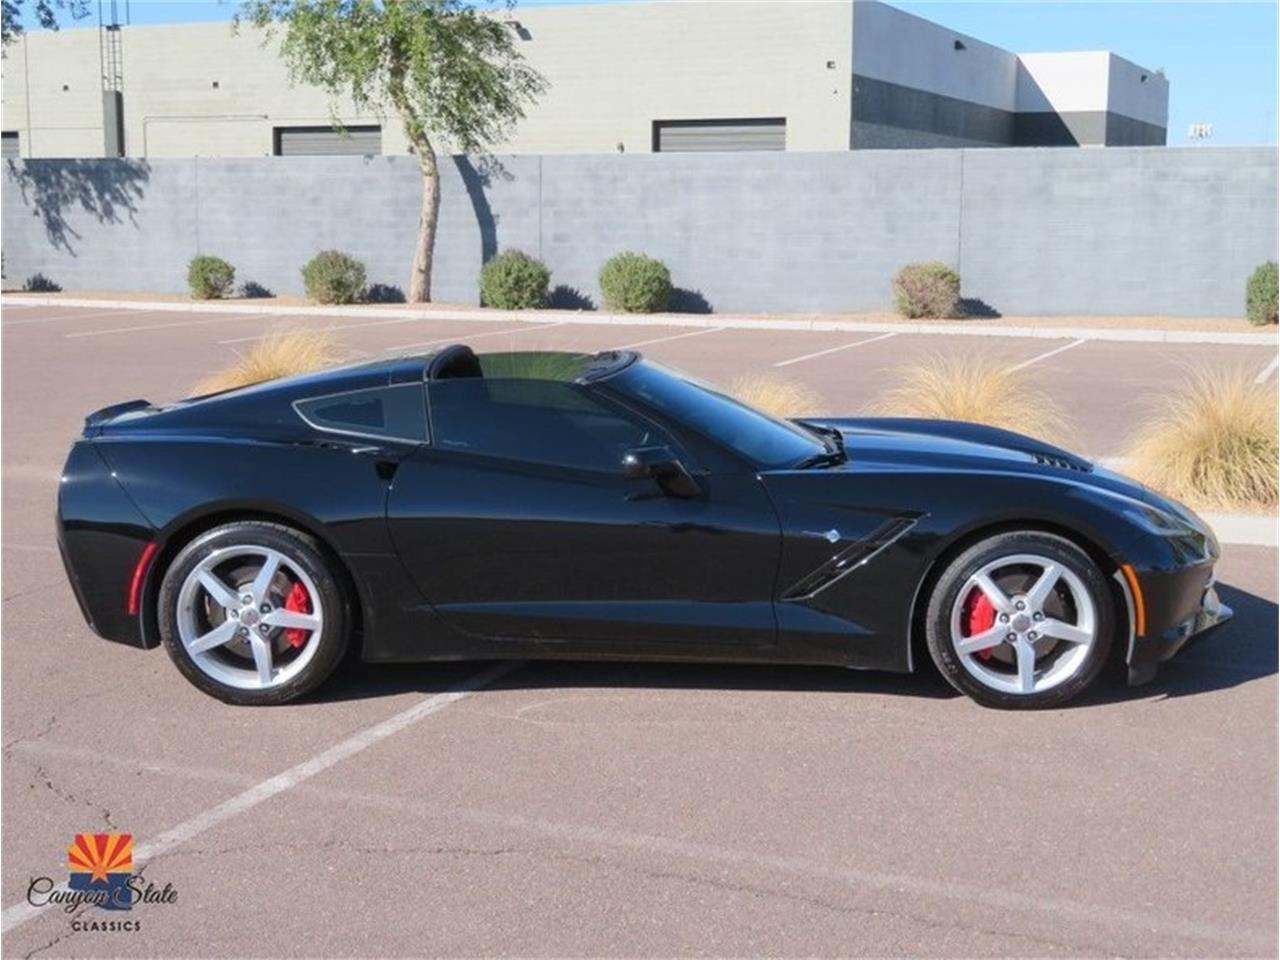 2014 Chevrolet Corvette (CC-1421629) for sale in Tempe, Arizona